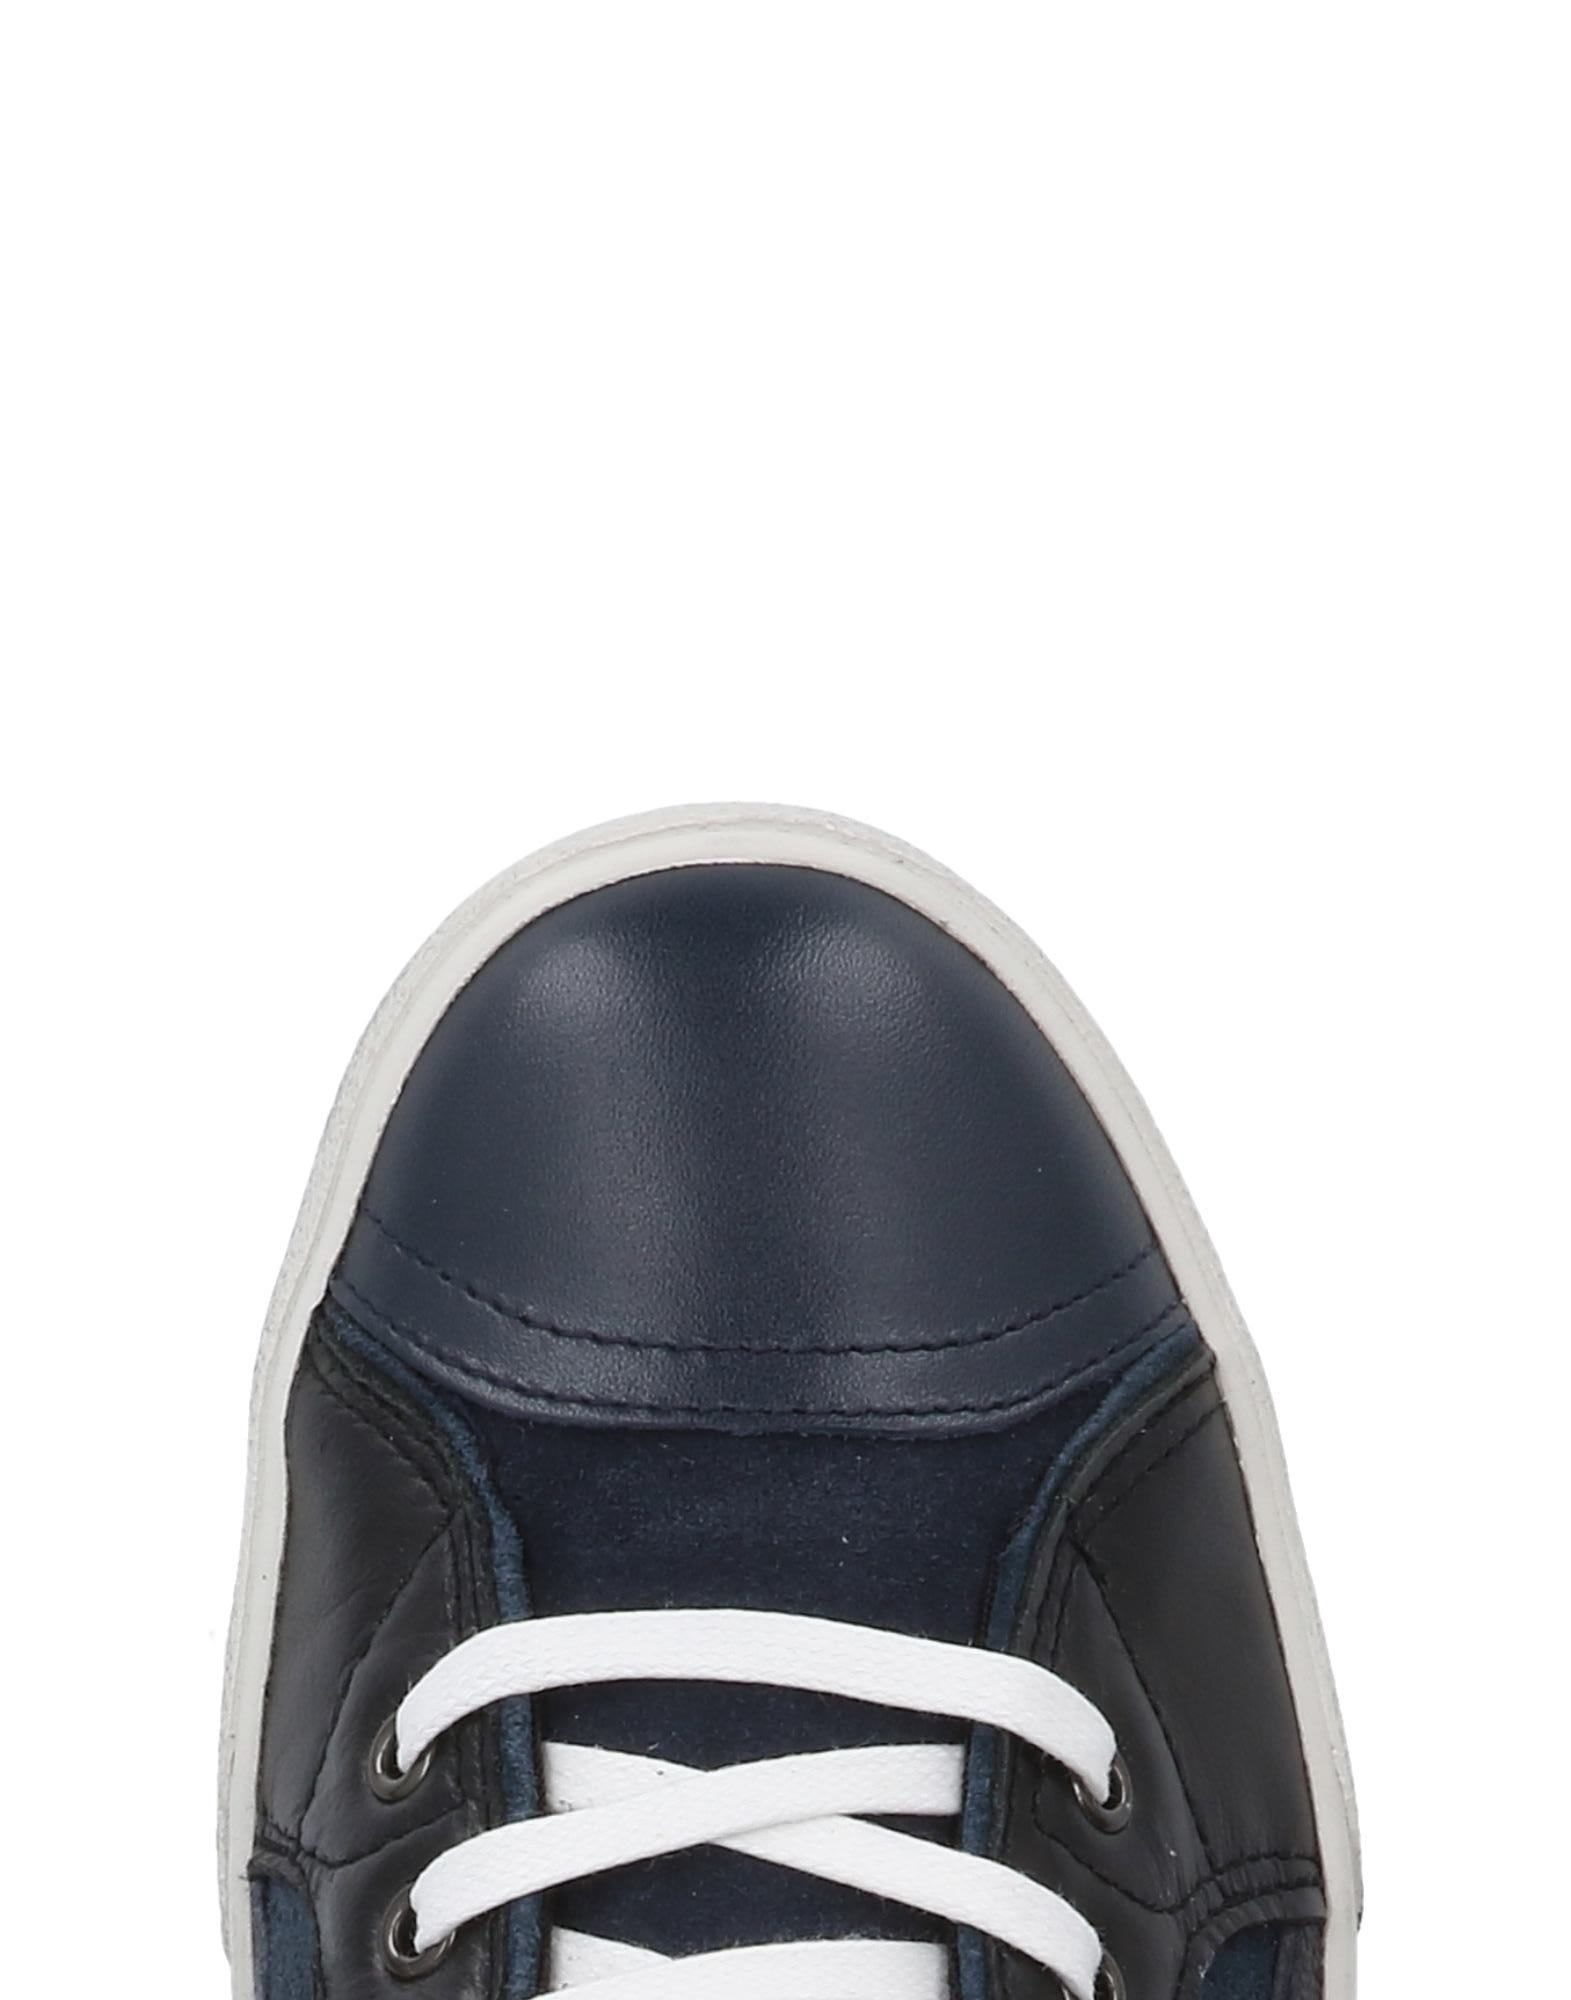 Diesel sich Sneakers Herren Gutes Preis-Leistungs-Verhältnis, es lohnt sich Diesel 7efd1b